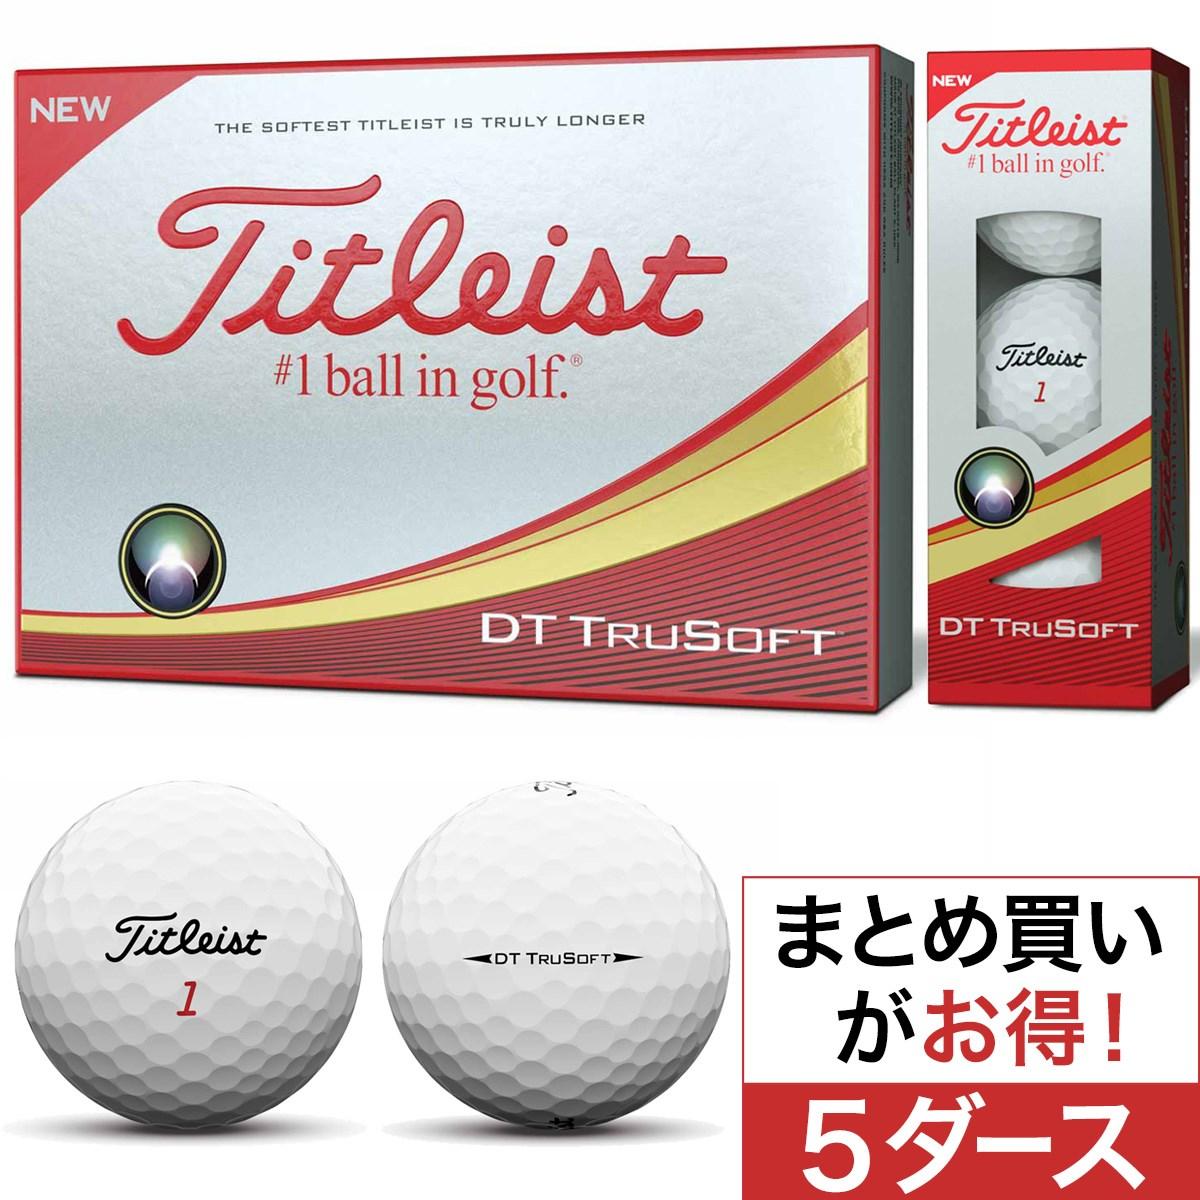 タイトリスト(Titleist) DT TRUSOFT ボール 2018年モデル 5ダース